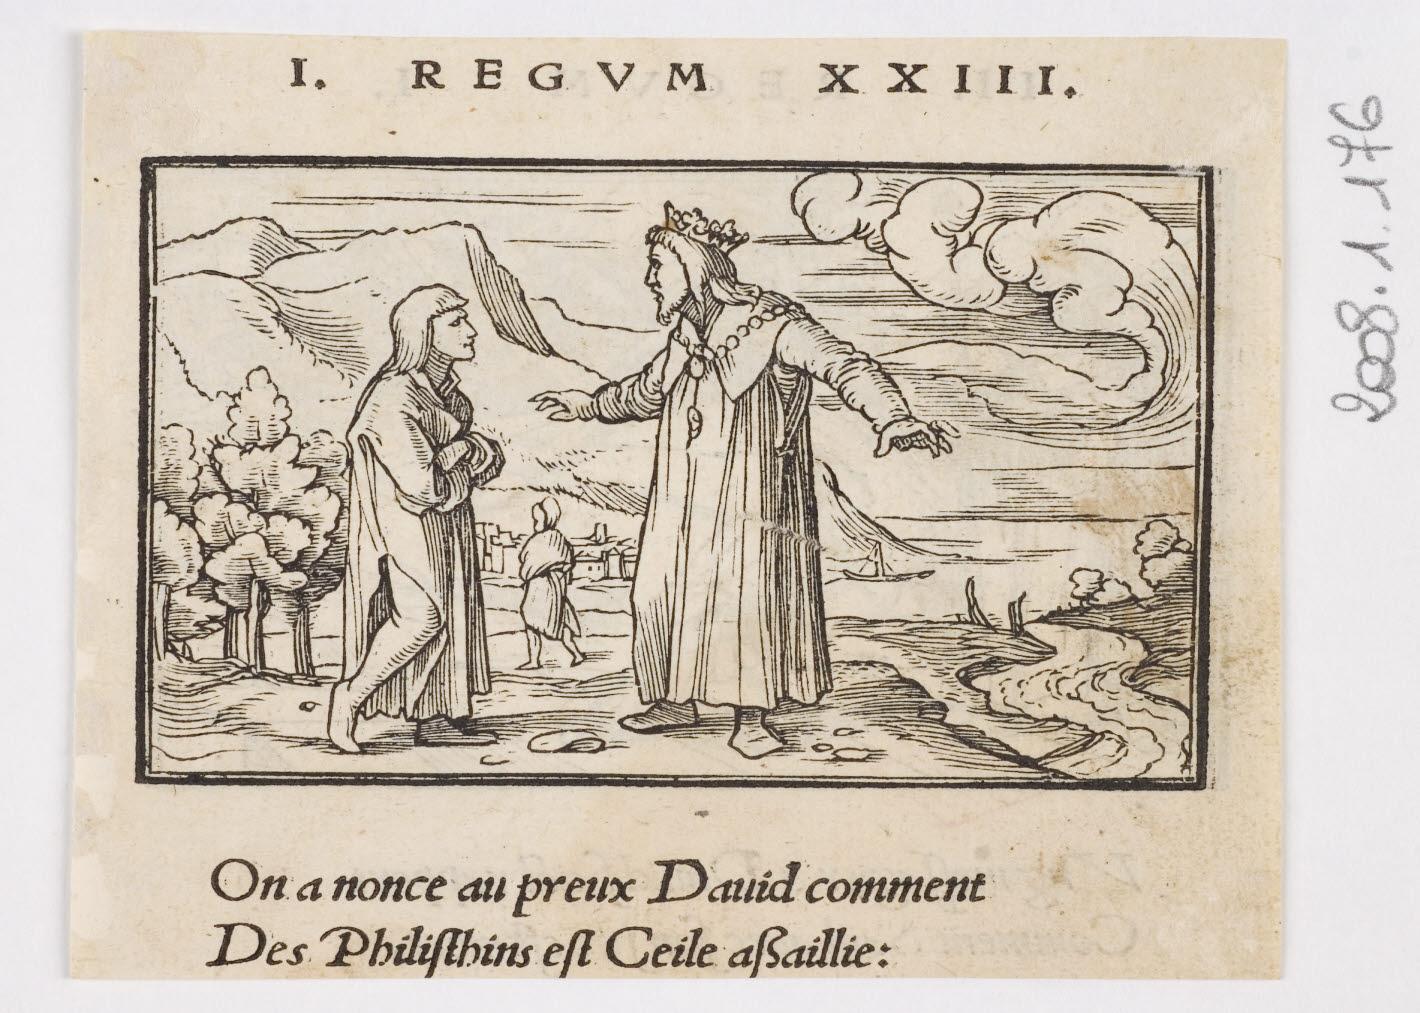 Annonce à David de l'attaque des Philistins sur Qeïla/Annonce à David de la mort de Saül_0